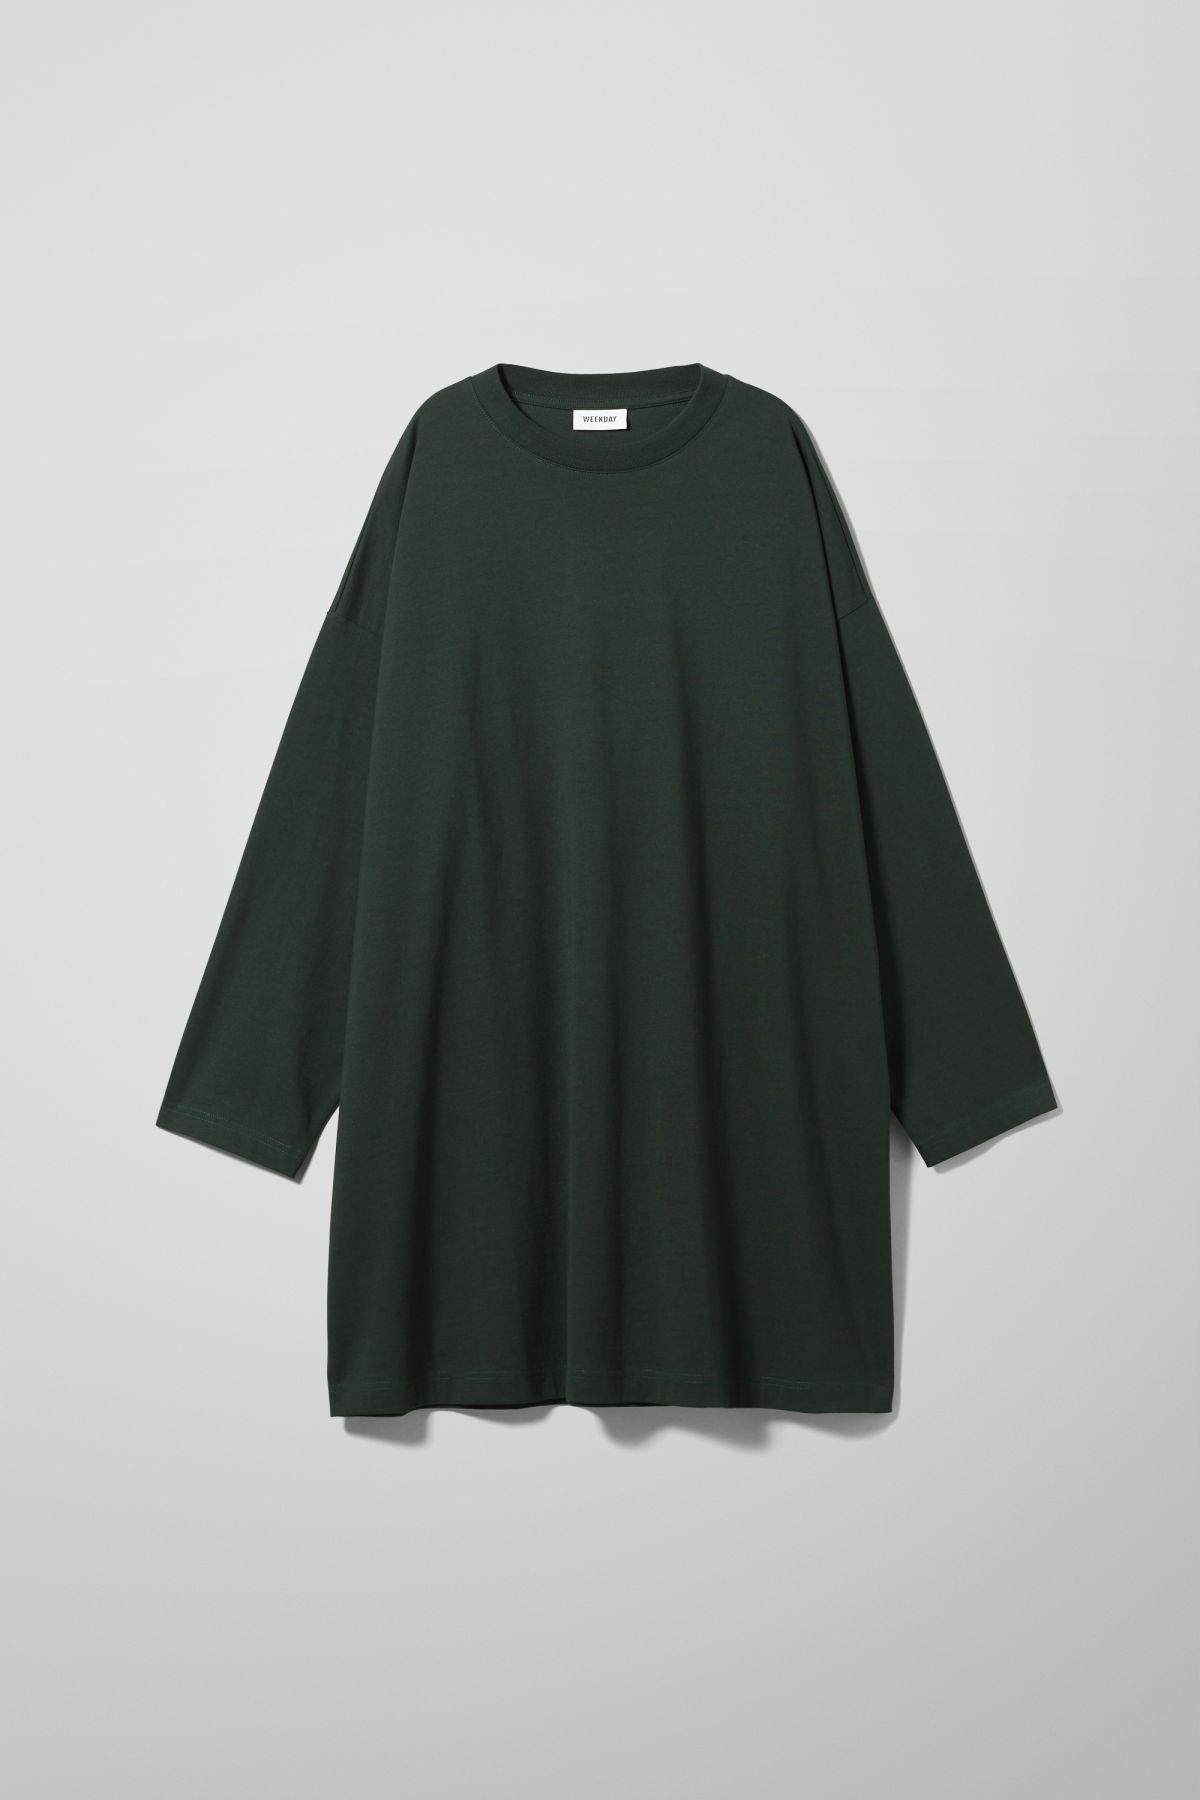 Image of Elke Long Sleeve Dress - Green-XS